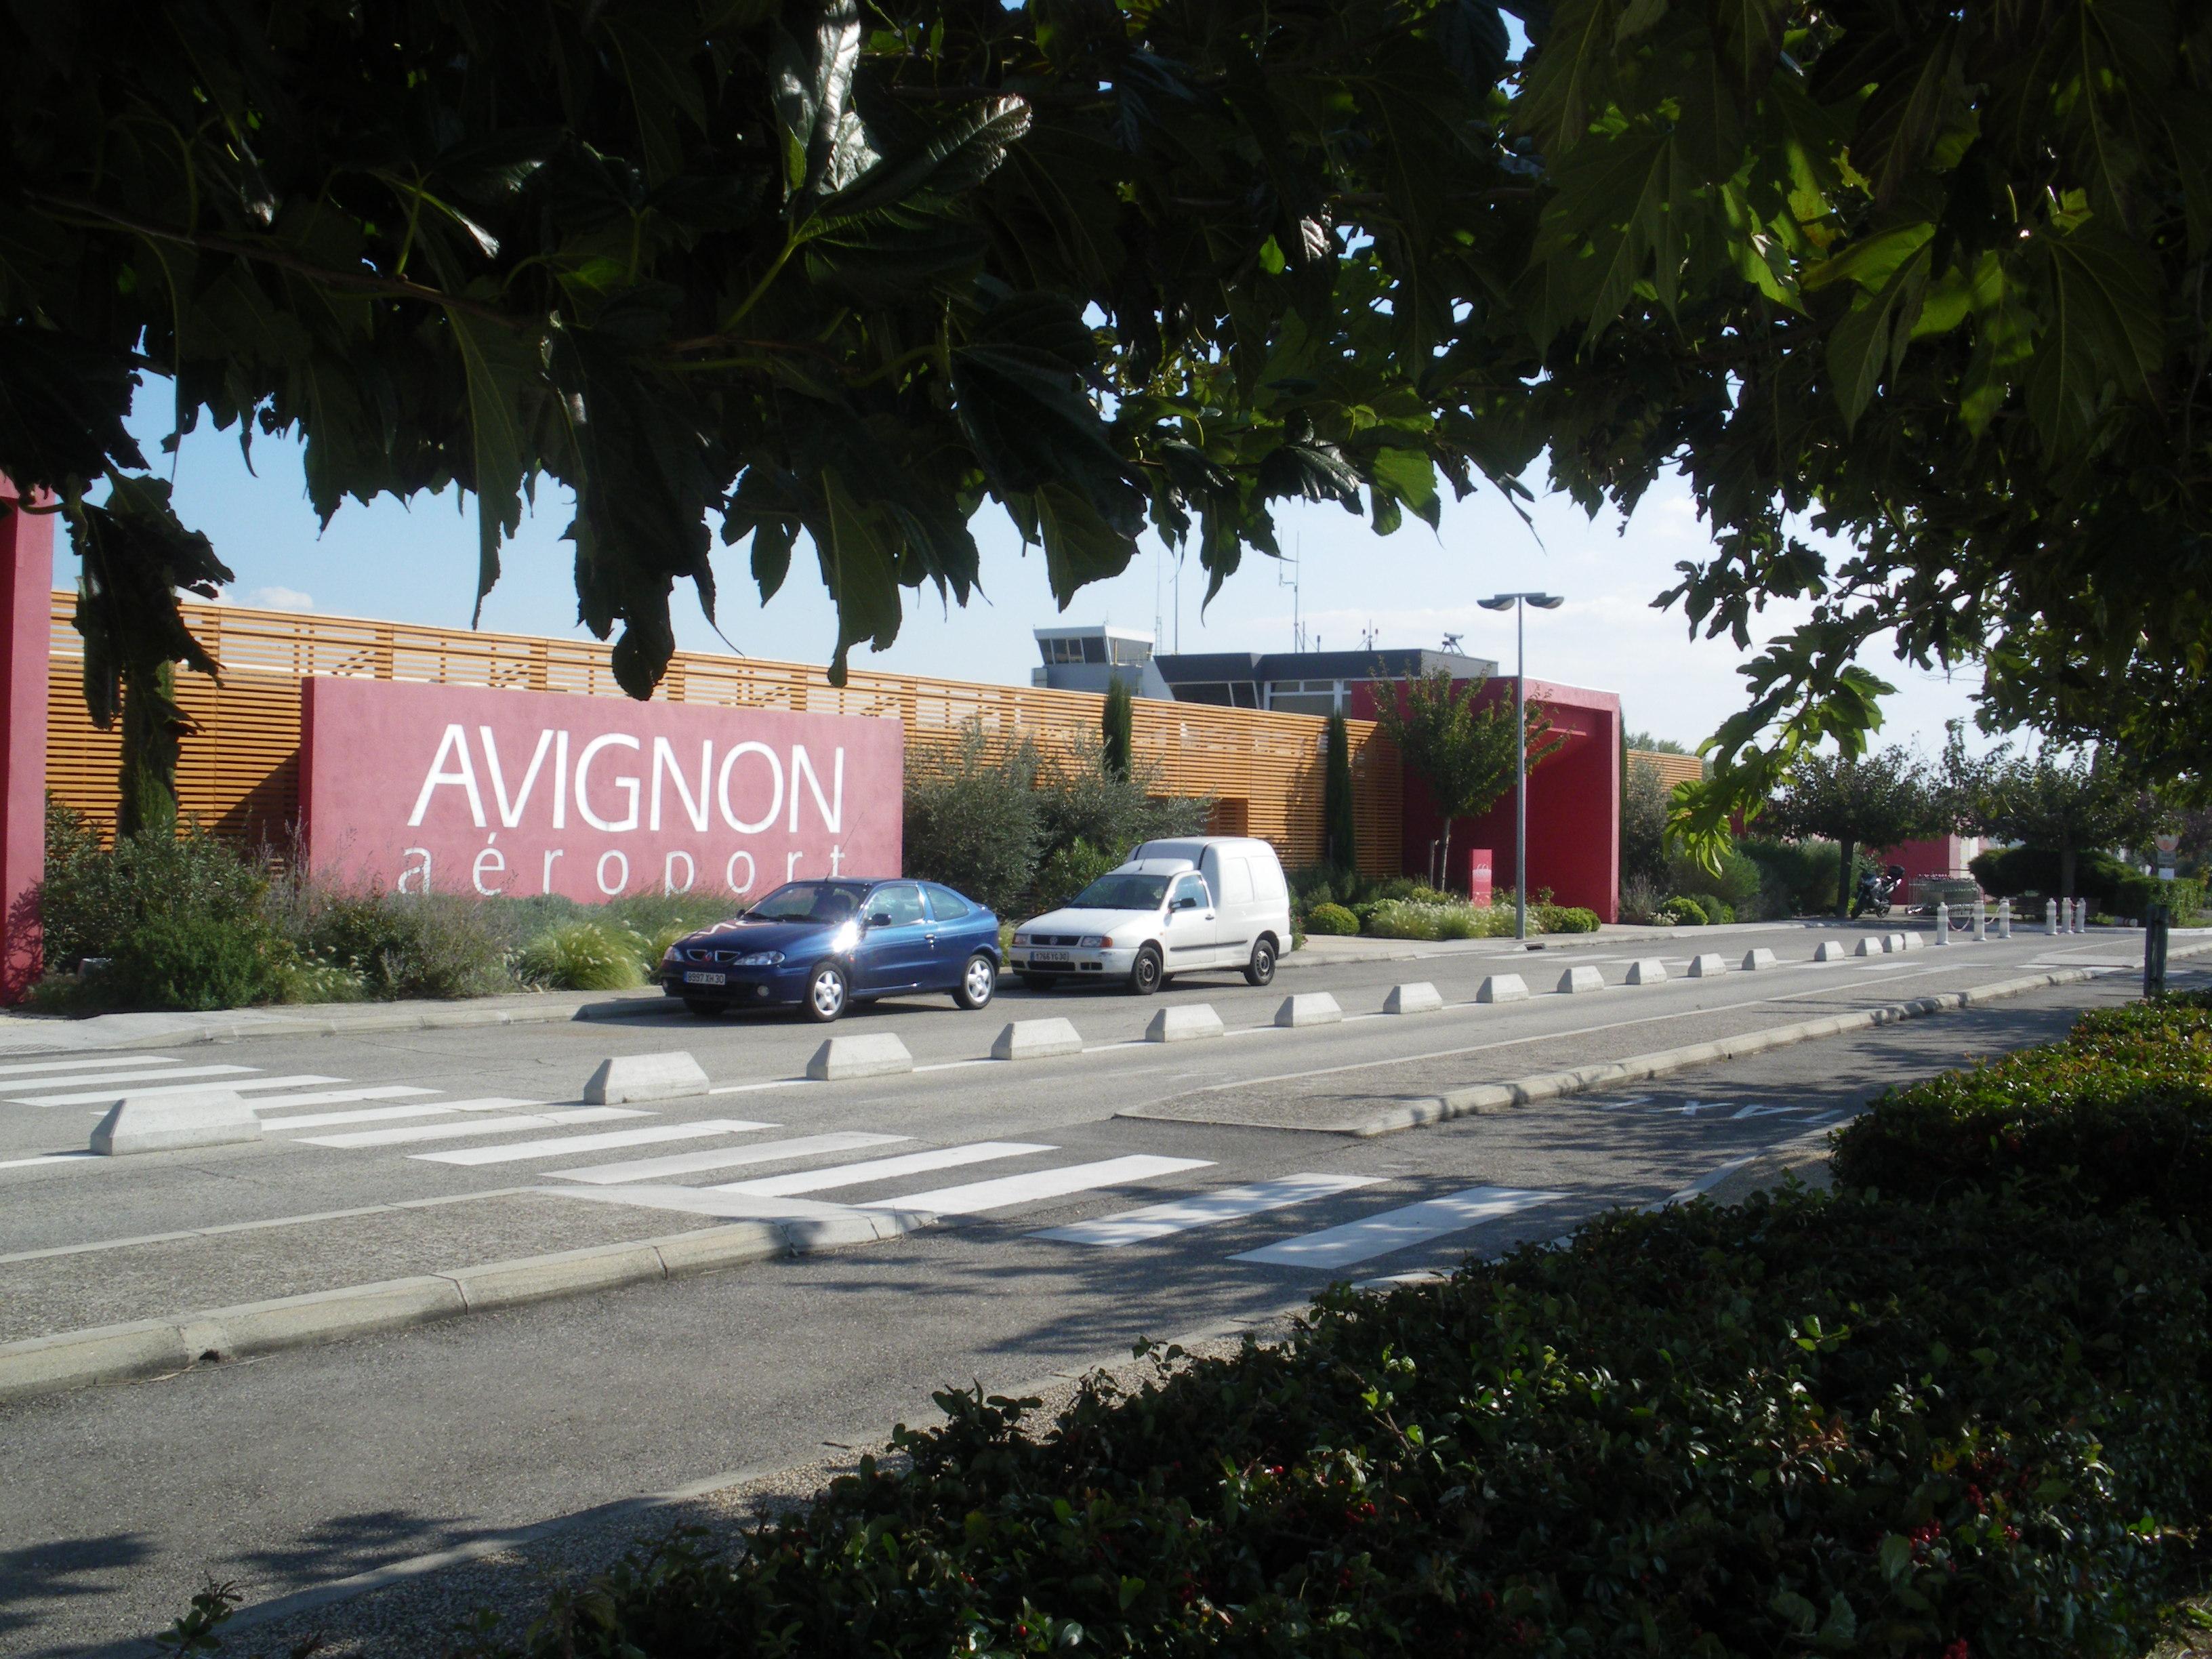 Aeropuerto de Aviñón-Provenza - Wikipedia, la enciclopedia libre